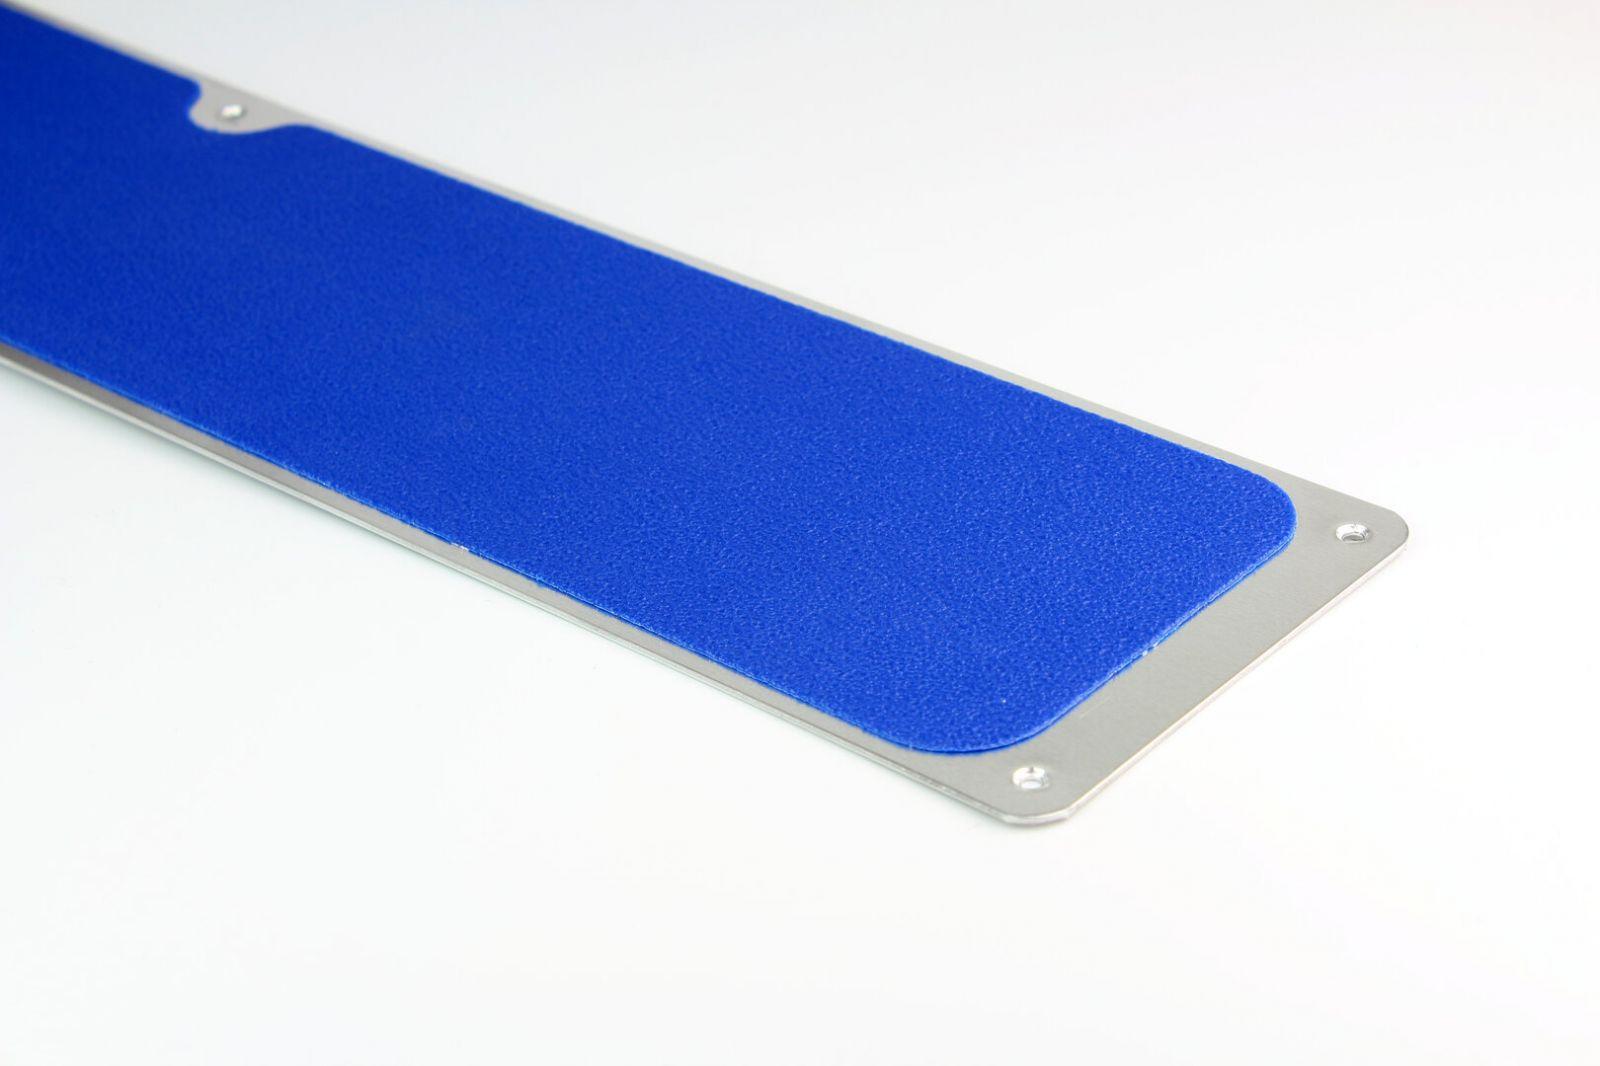 Modrá náhradní protiskluzová páska pro hliníkové nášlapy FLOMA Standard - délka 63,5 cm, šířka 11,5 cm a tloušťka 1 mm